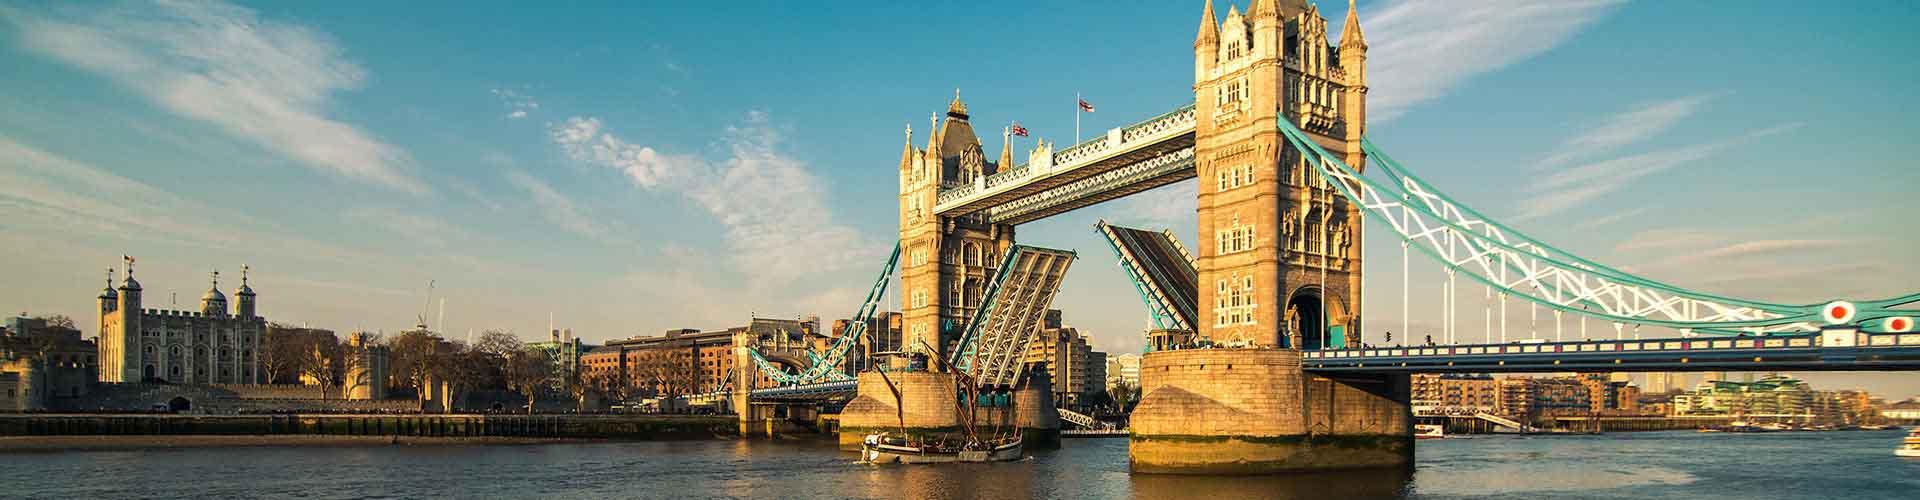 런던 - 타워 브릿지에 가까운 호스텔. 런던의 지도, 런던에 위치한 호스텔에 대한 사진 및 리뷰.